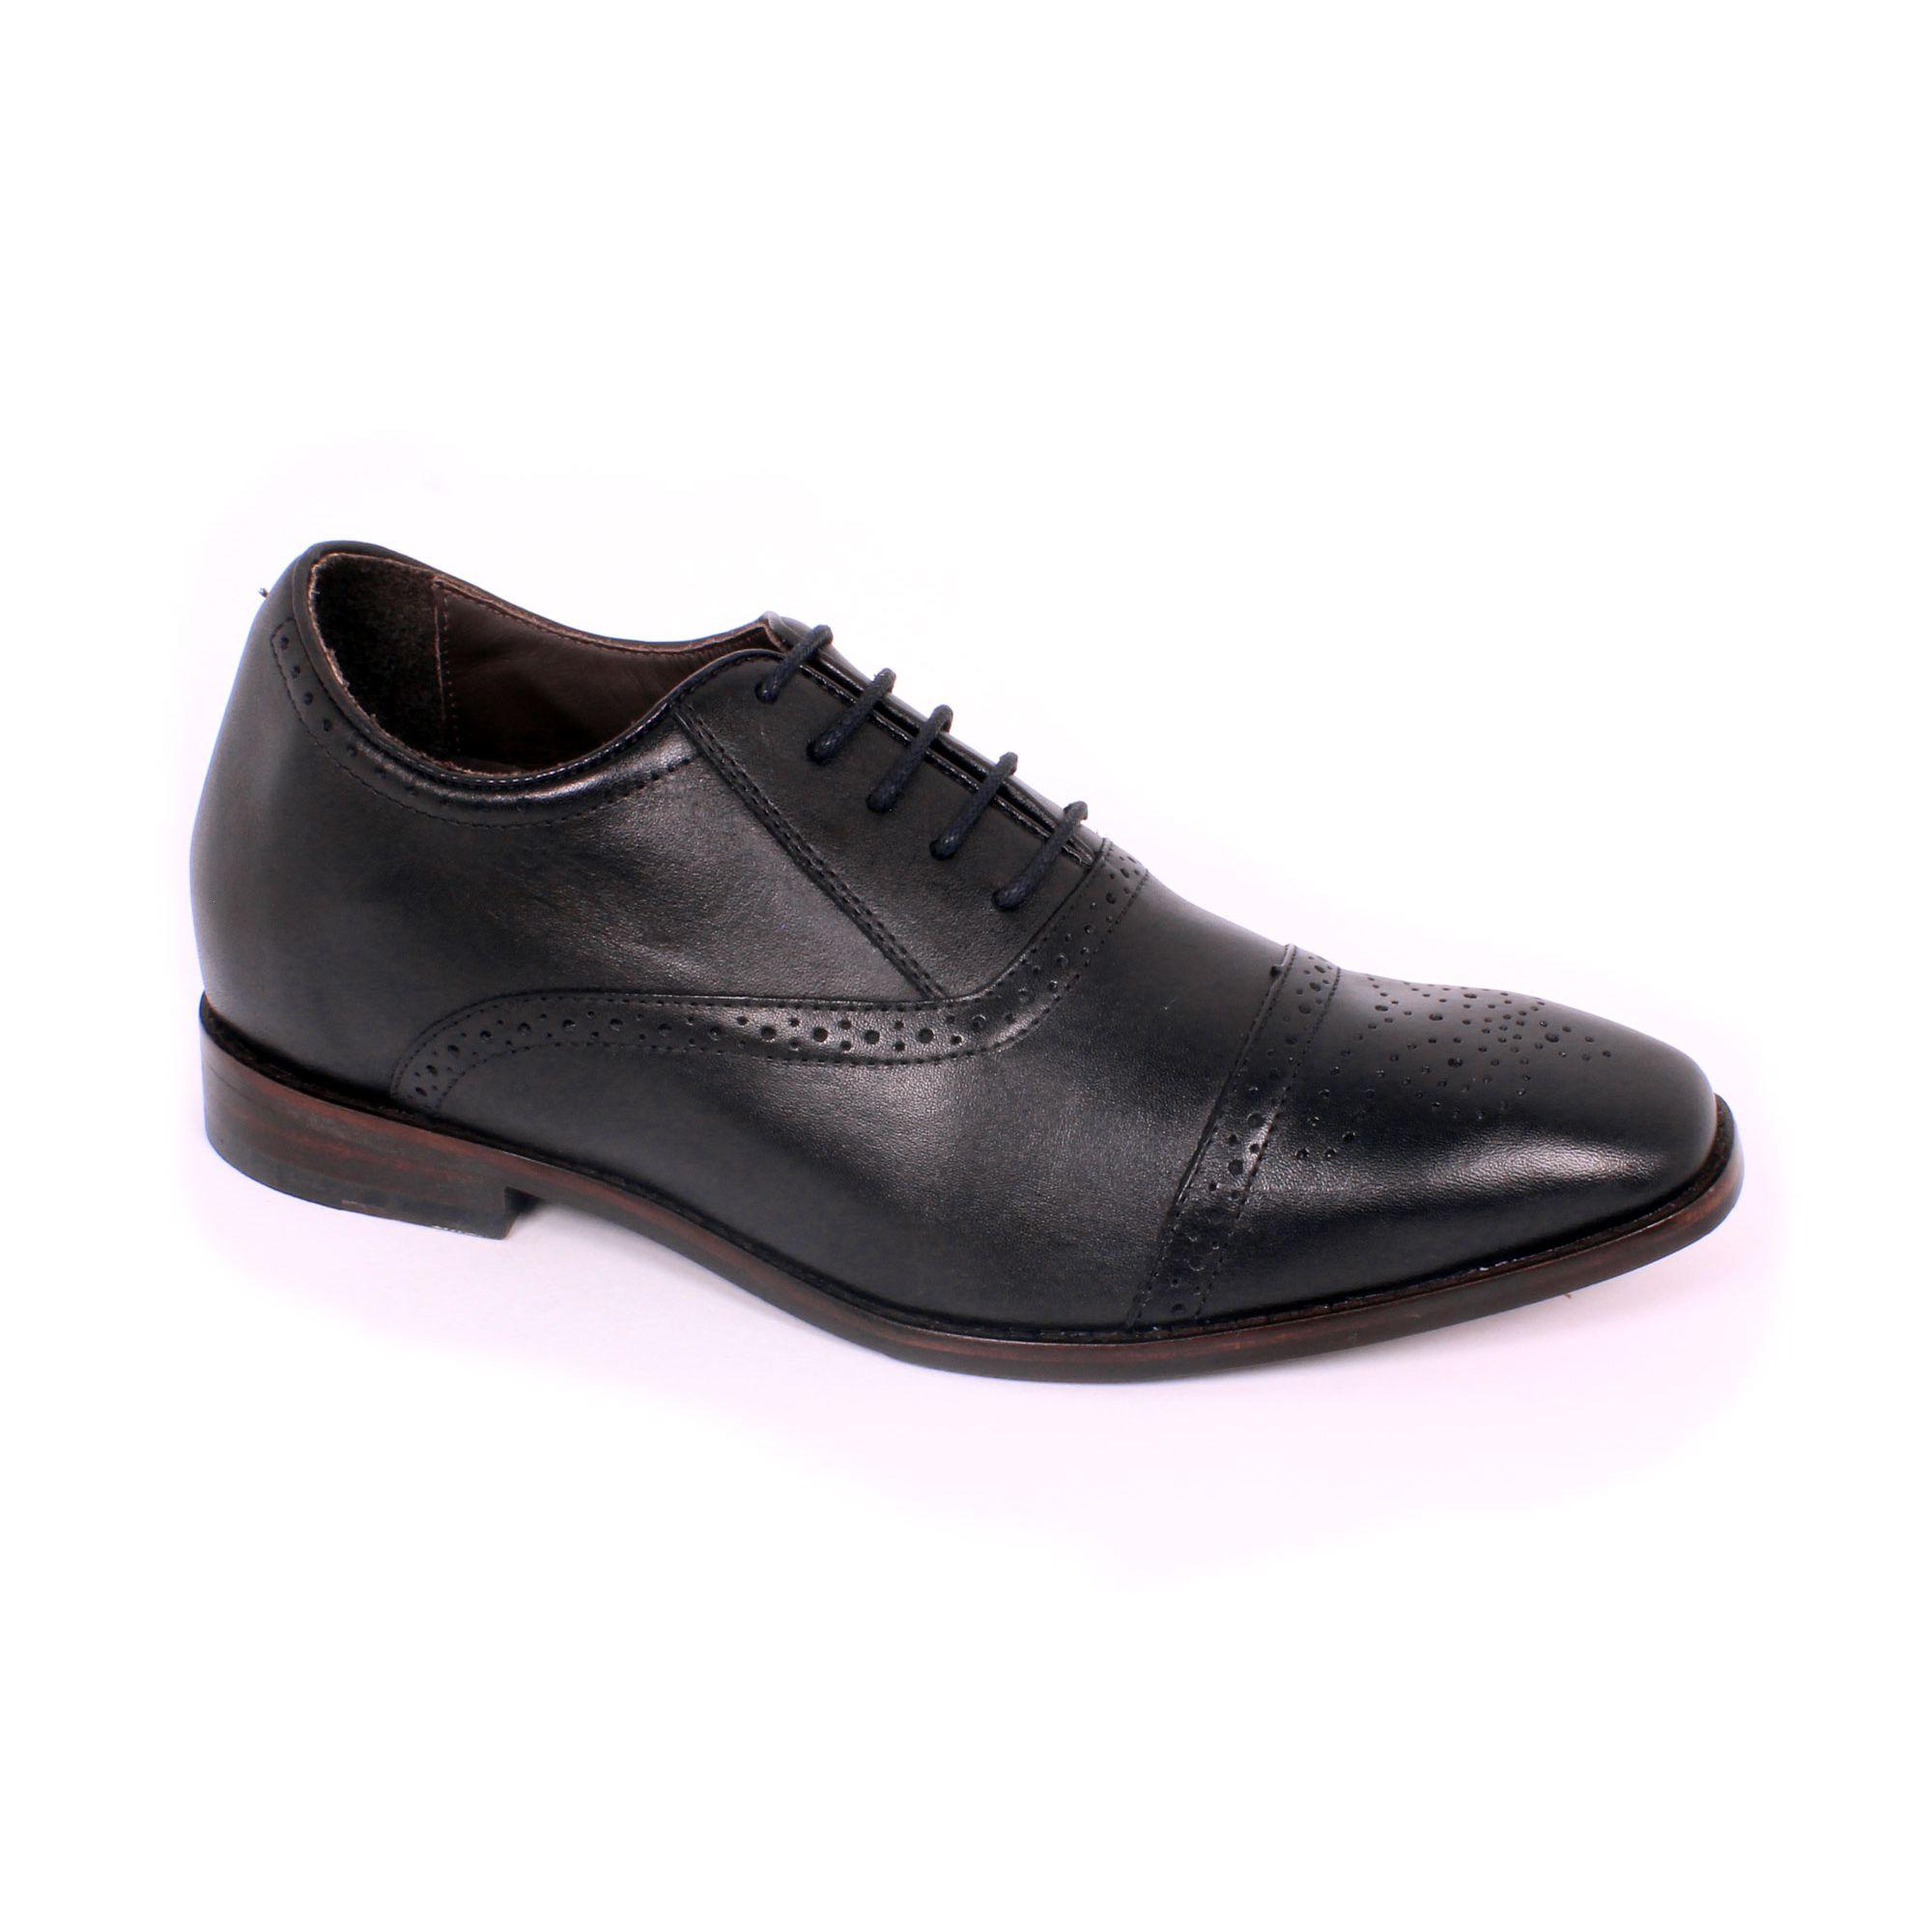 Zapato Formal British Negro Max Denegri +7cms de Altura_70779